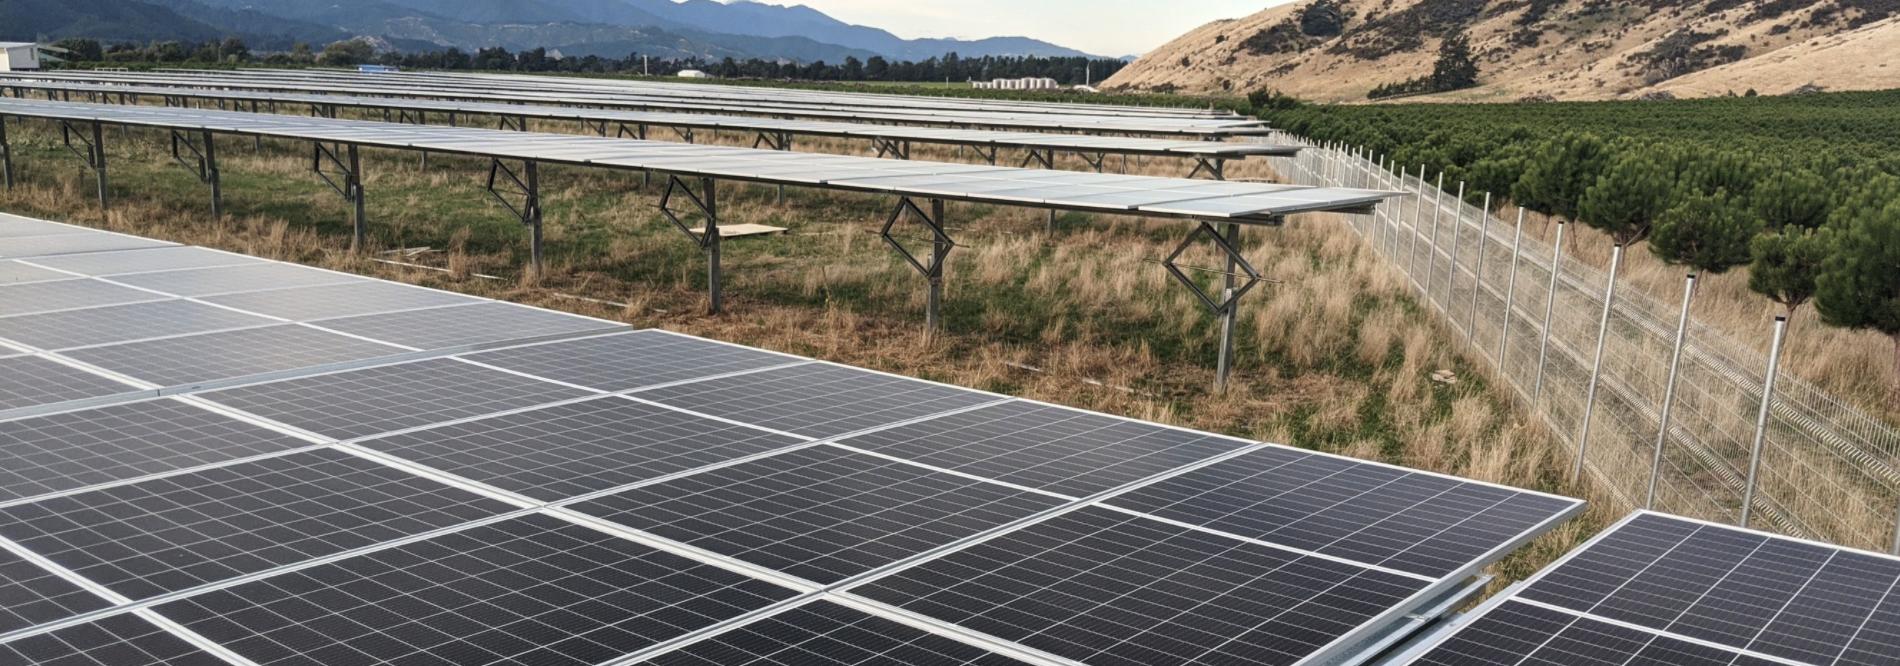 database united states canada renewable energy developers